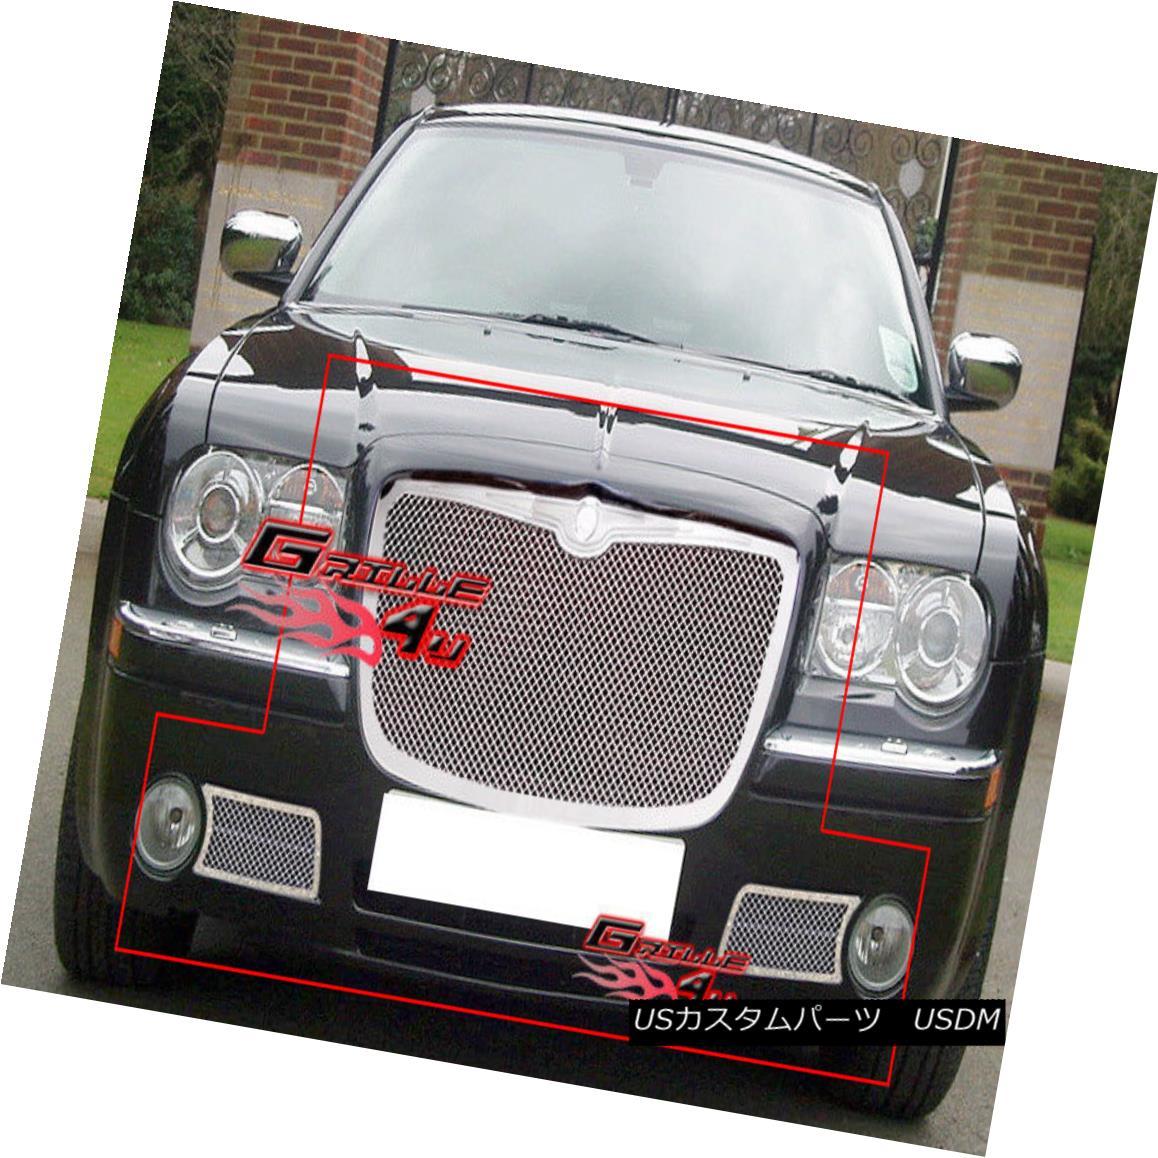 グリル Fits 05-10 Chrysler 300C Stainless Mesh Grille Combo フィット05-10クライスラー300Cステンレスメッシュグリルコンボ